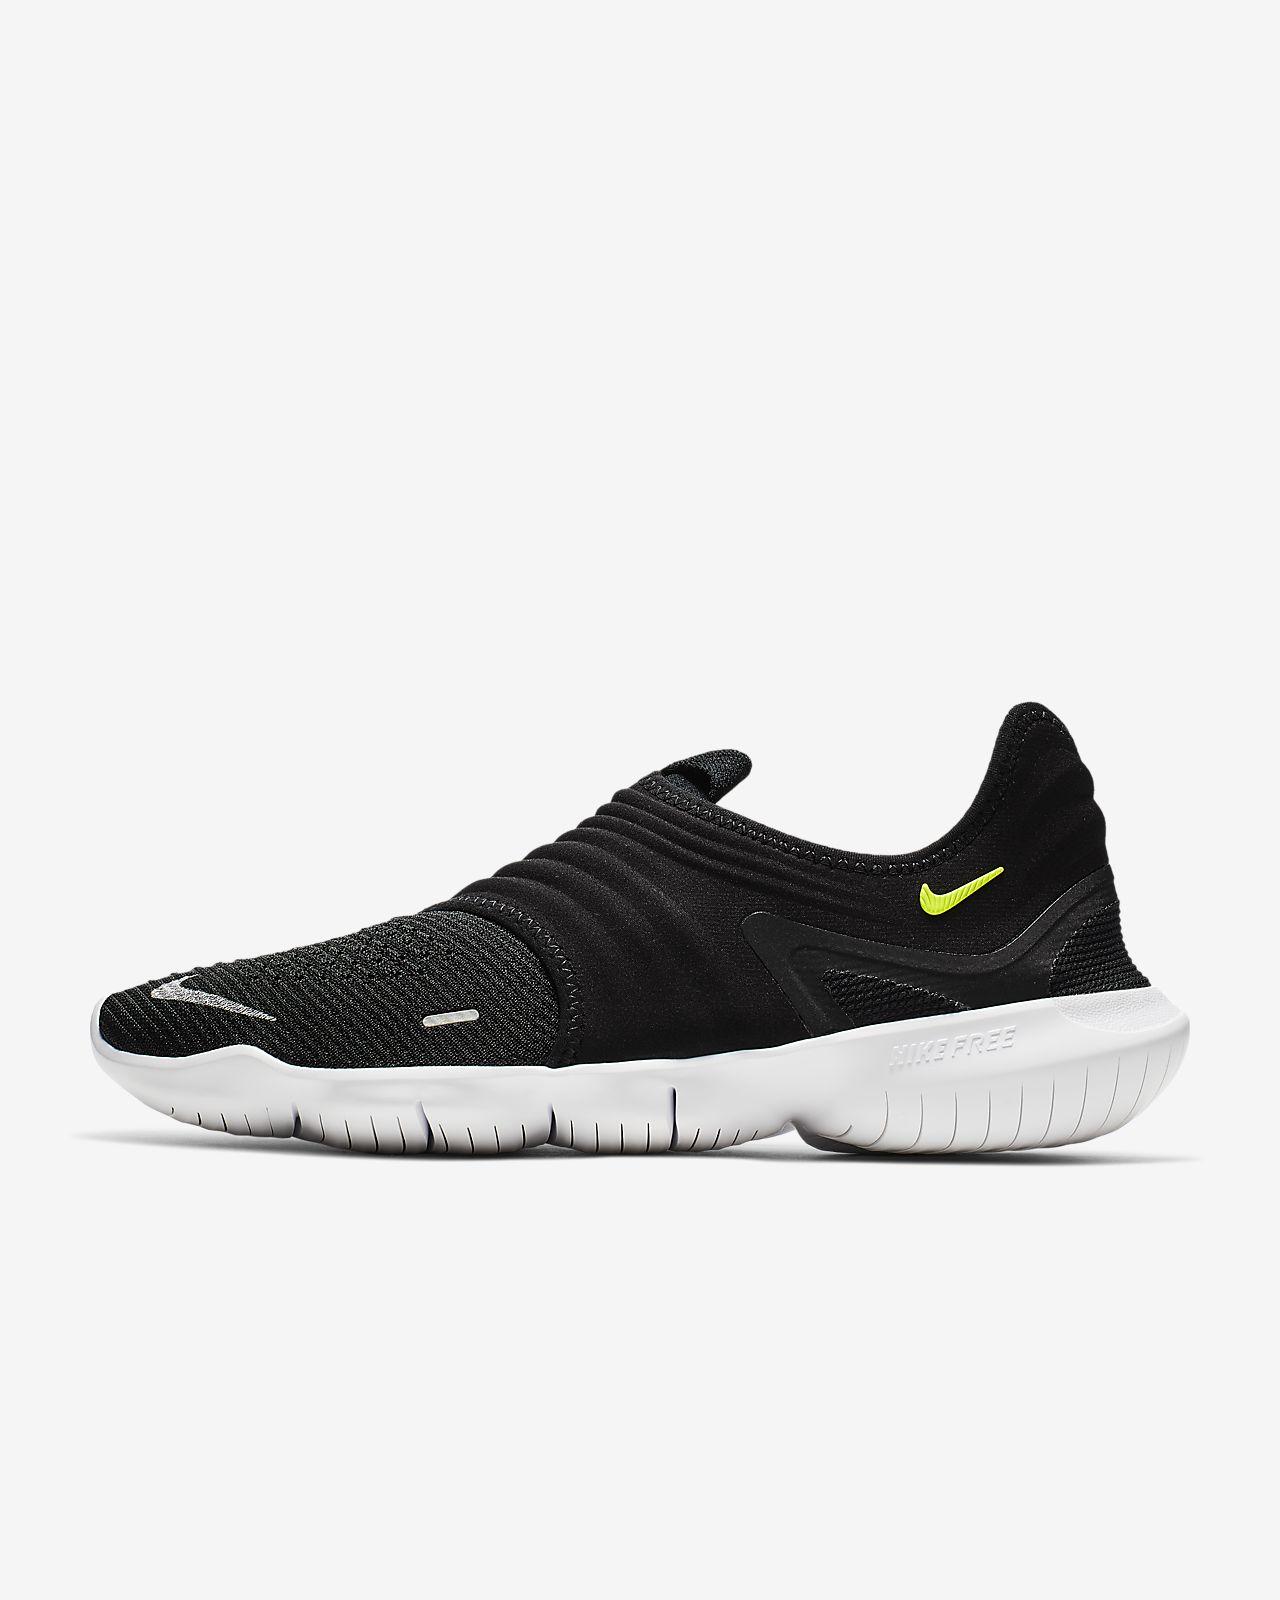 Ανδρικό παπούτσι για τρέξιμο Nike Free RN Flyknit 3.0